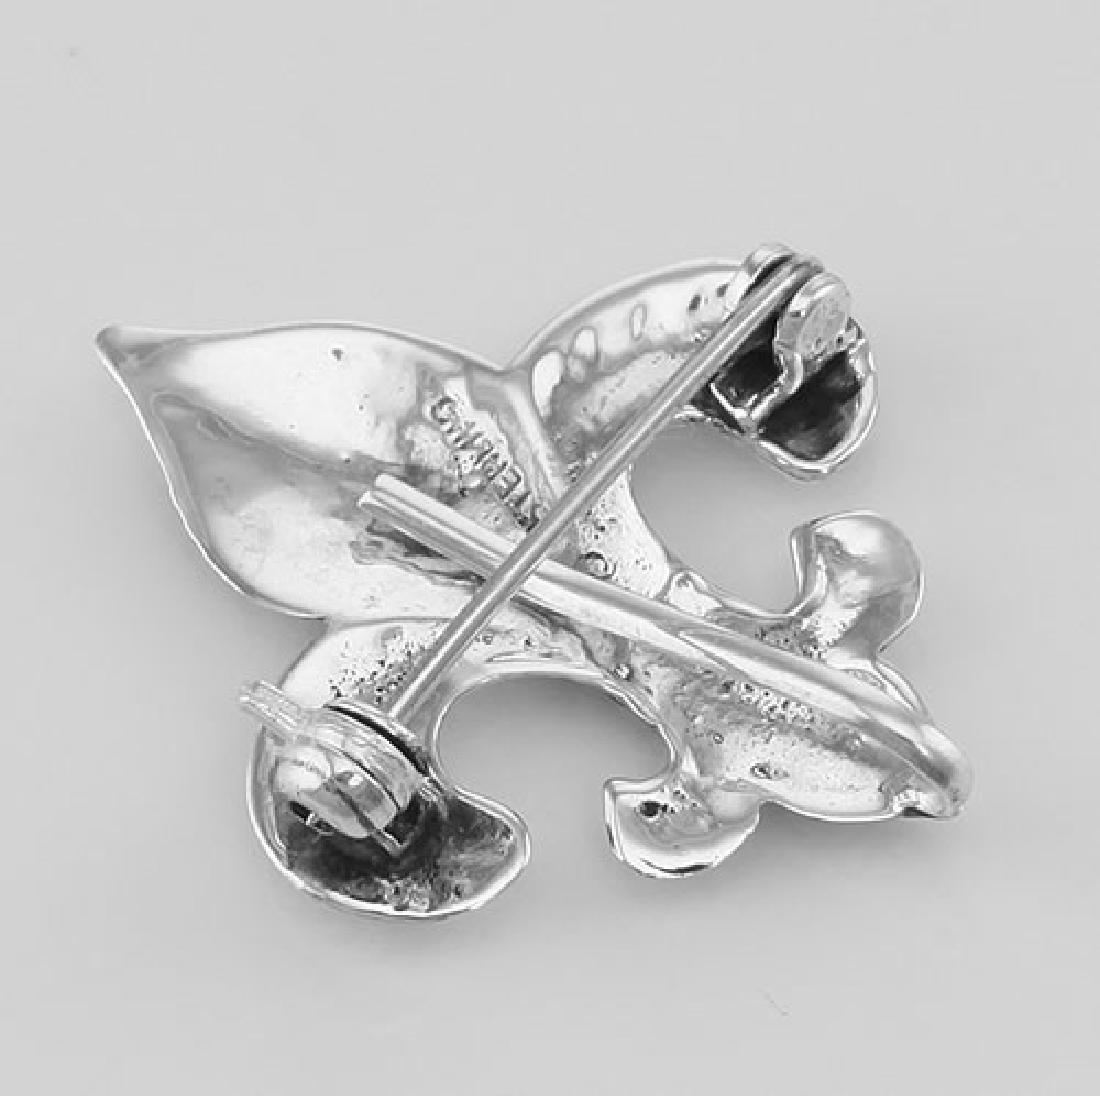 Fleur de Lis Pin - Charm Hanger - Sterling Silver - 3